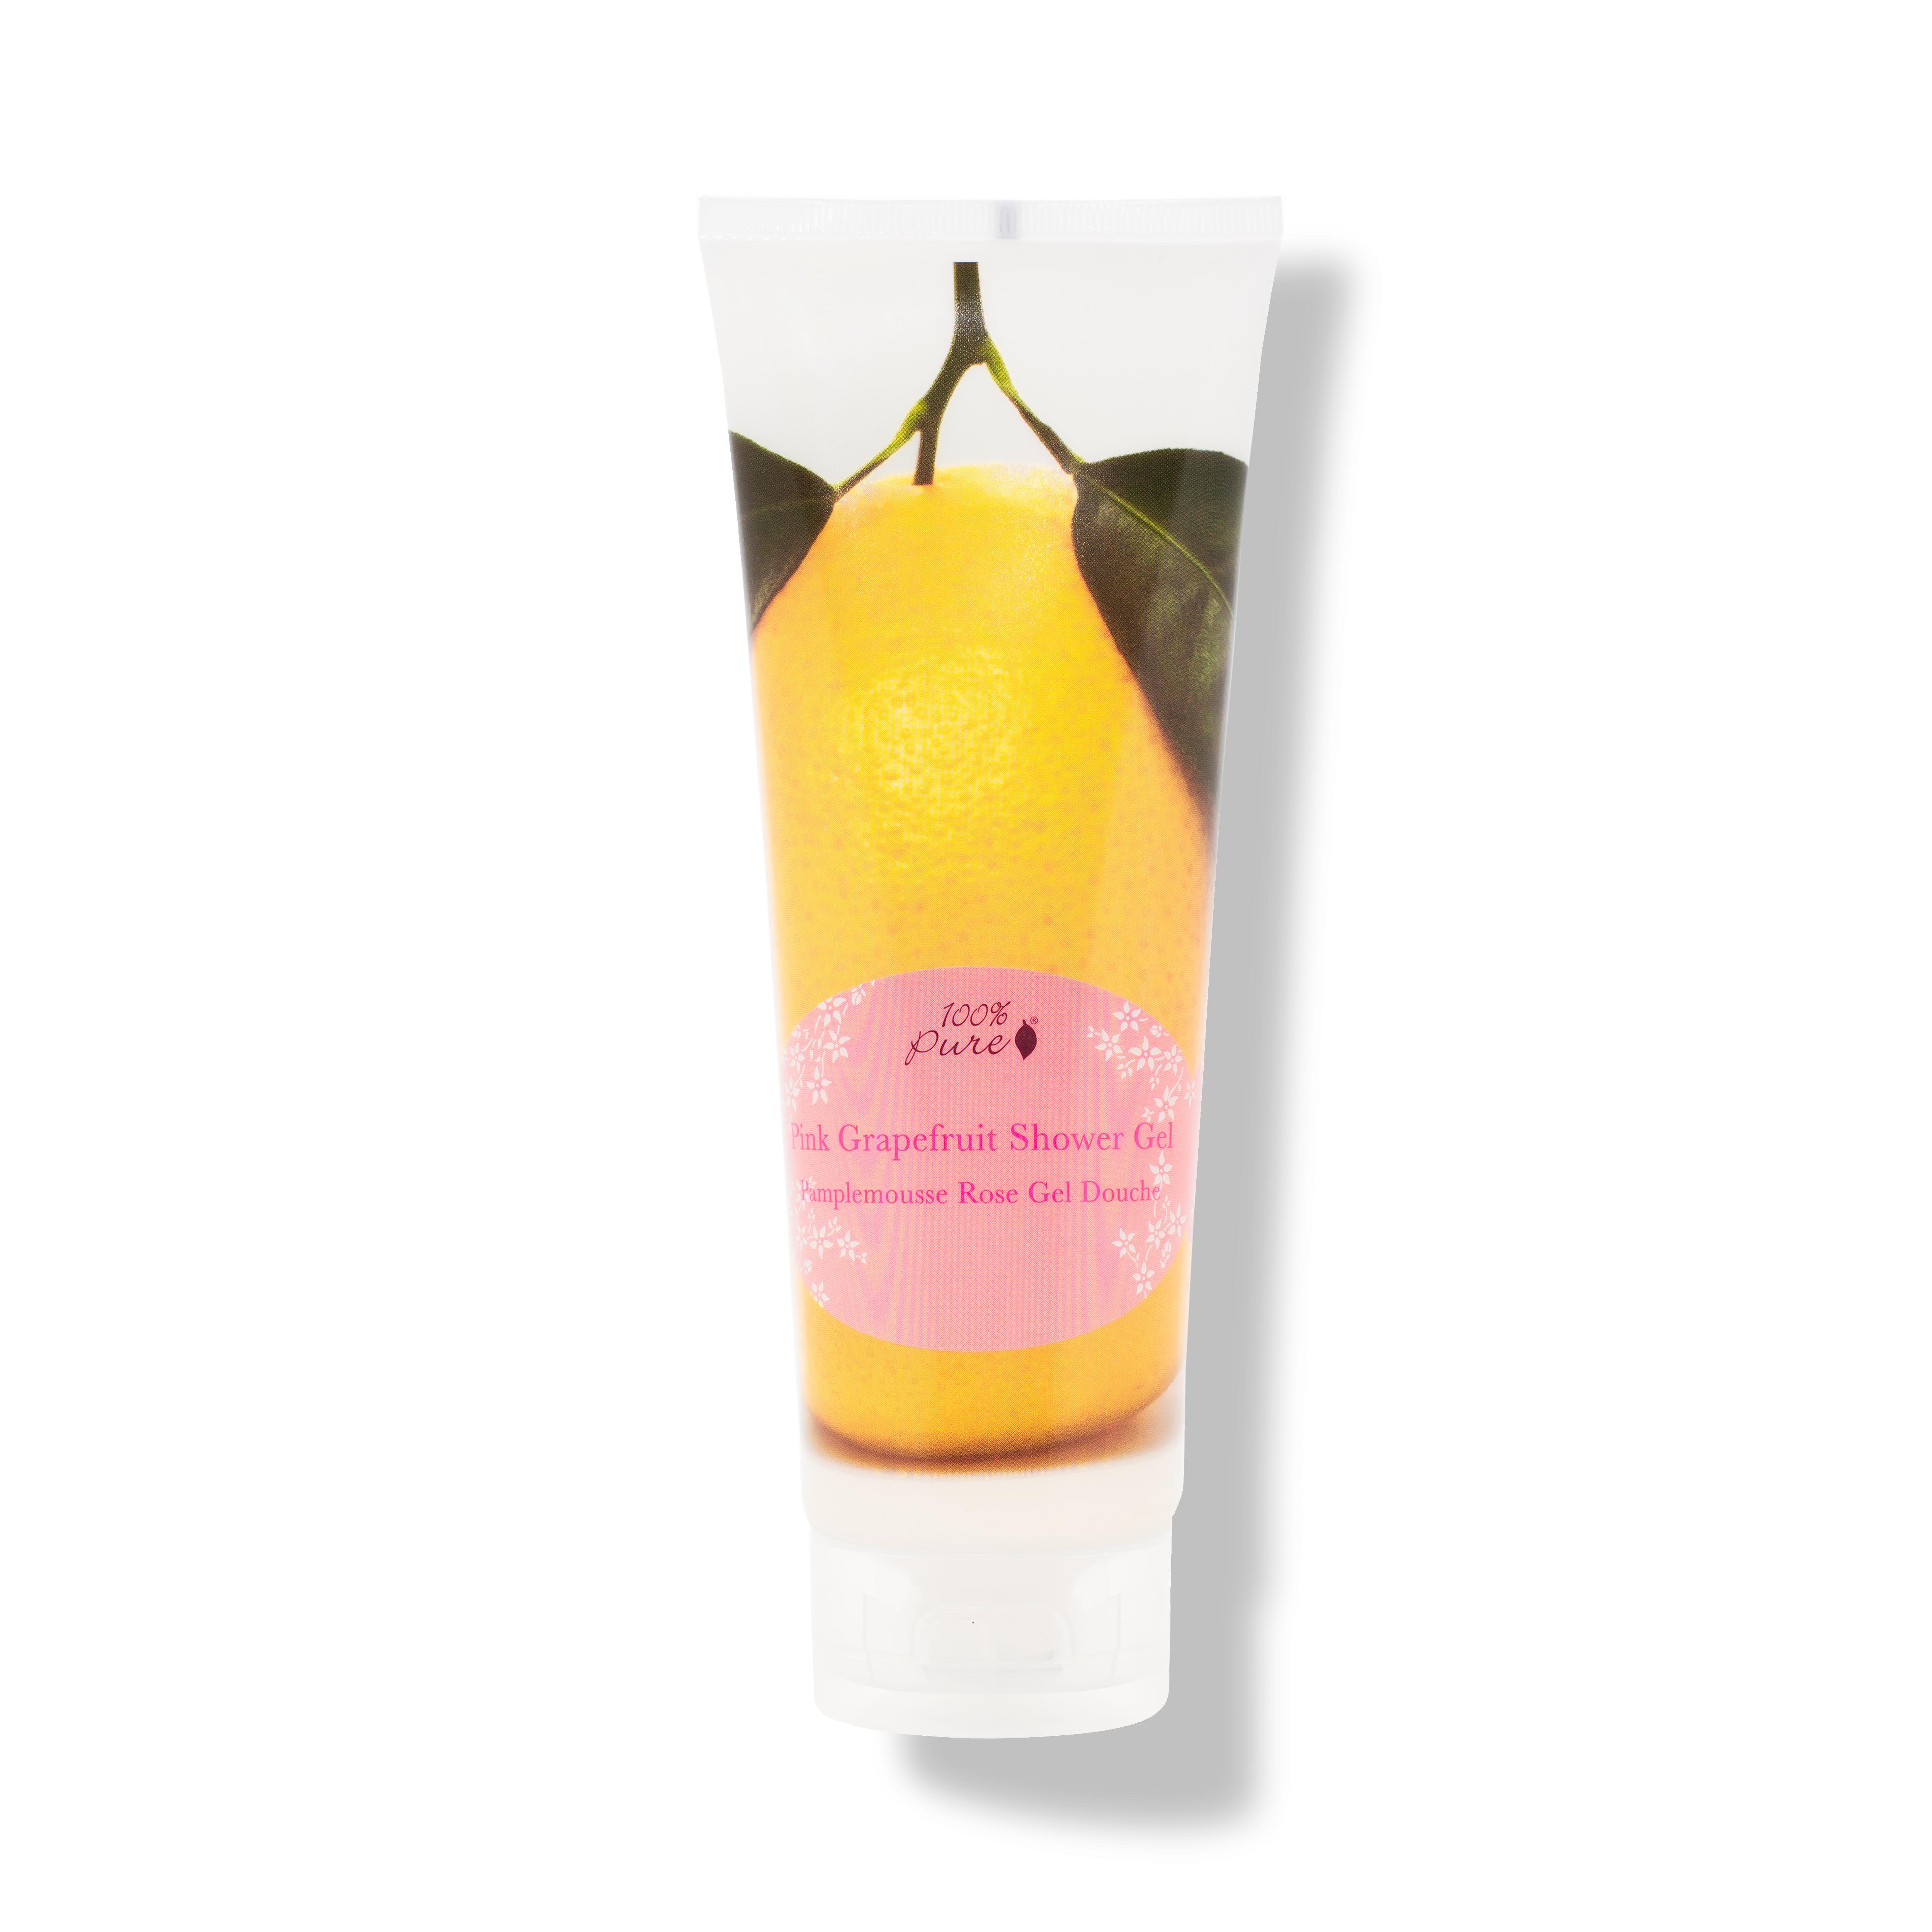 Product Grid - Pink Grapefruit Shower Gel